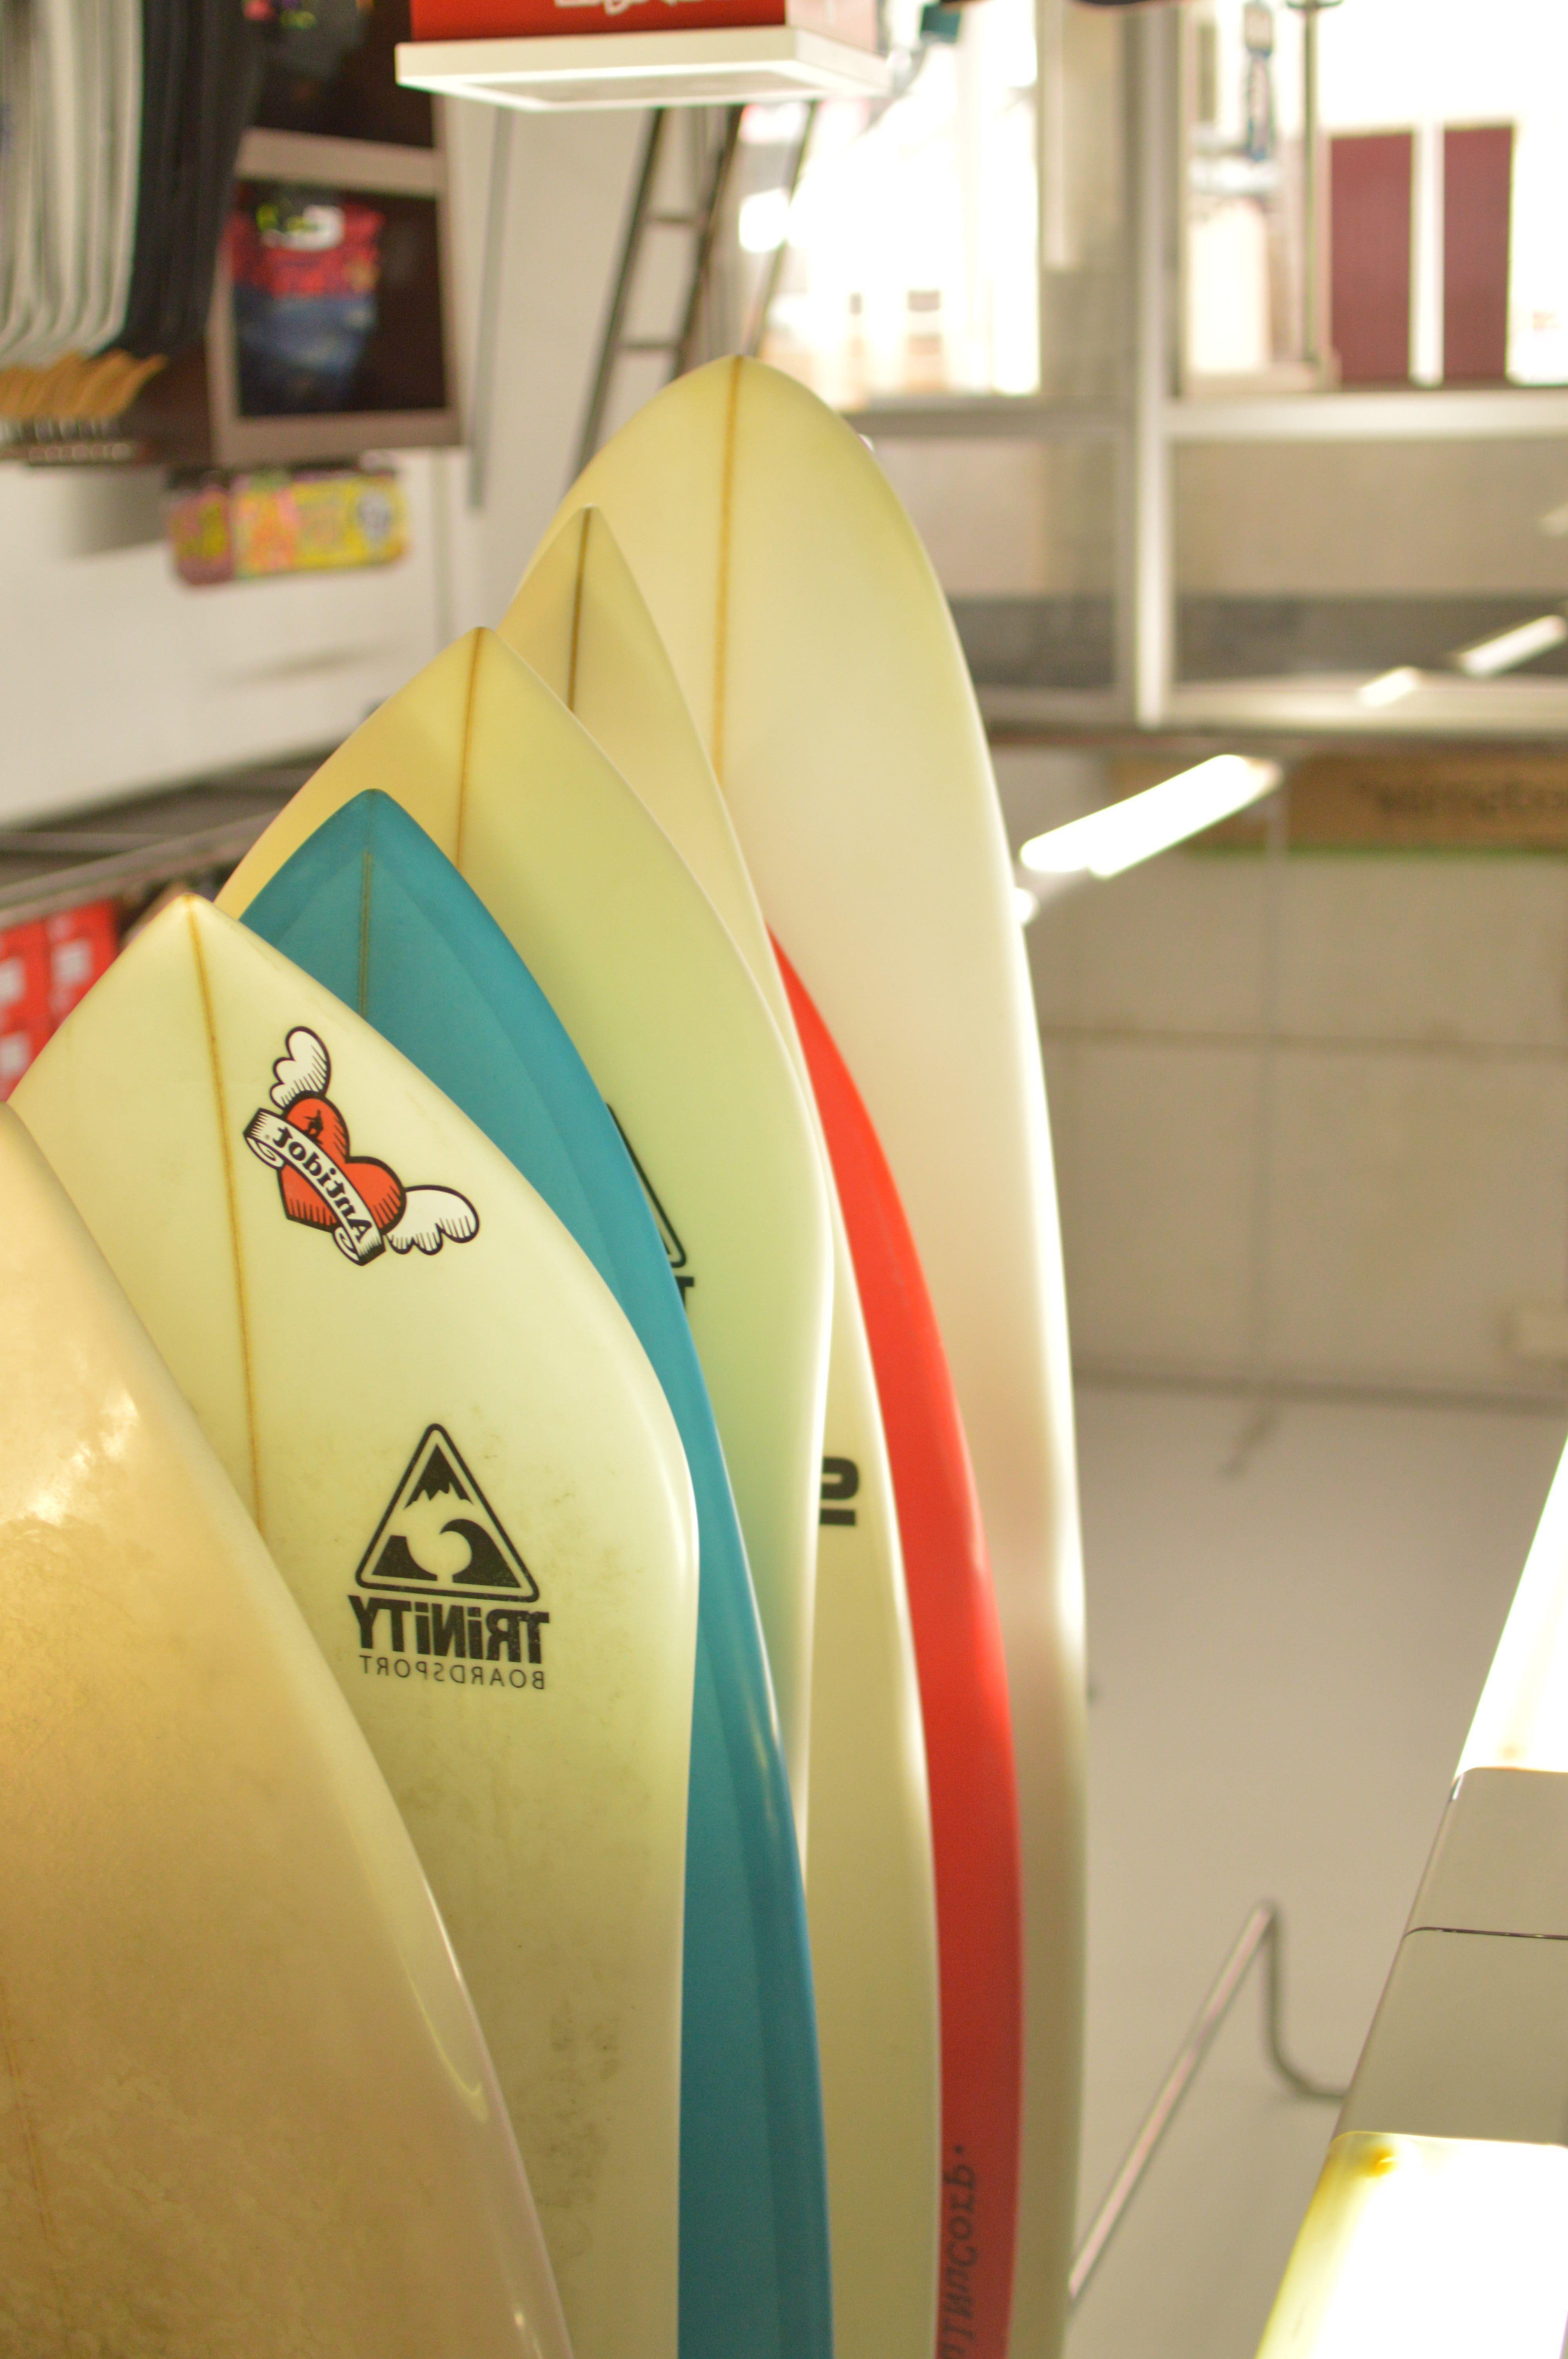 Surf: Nuestra Tienda de Antidot Skate Shop